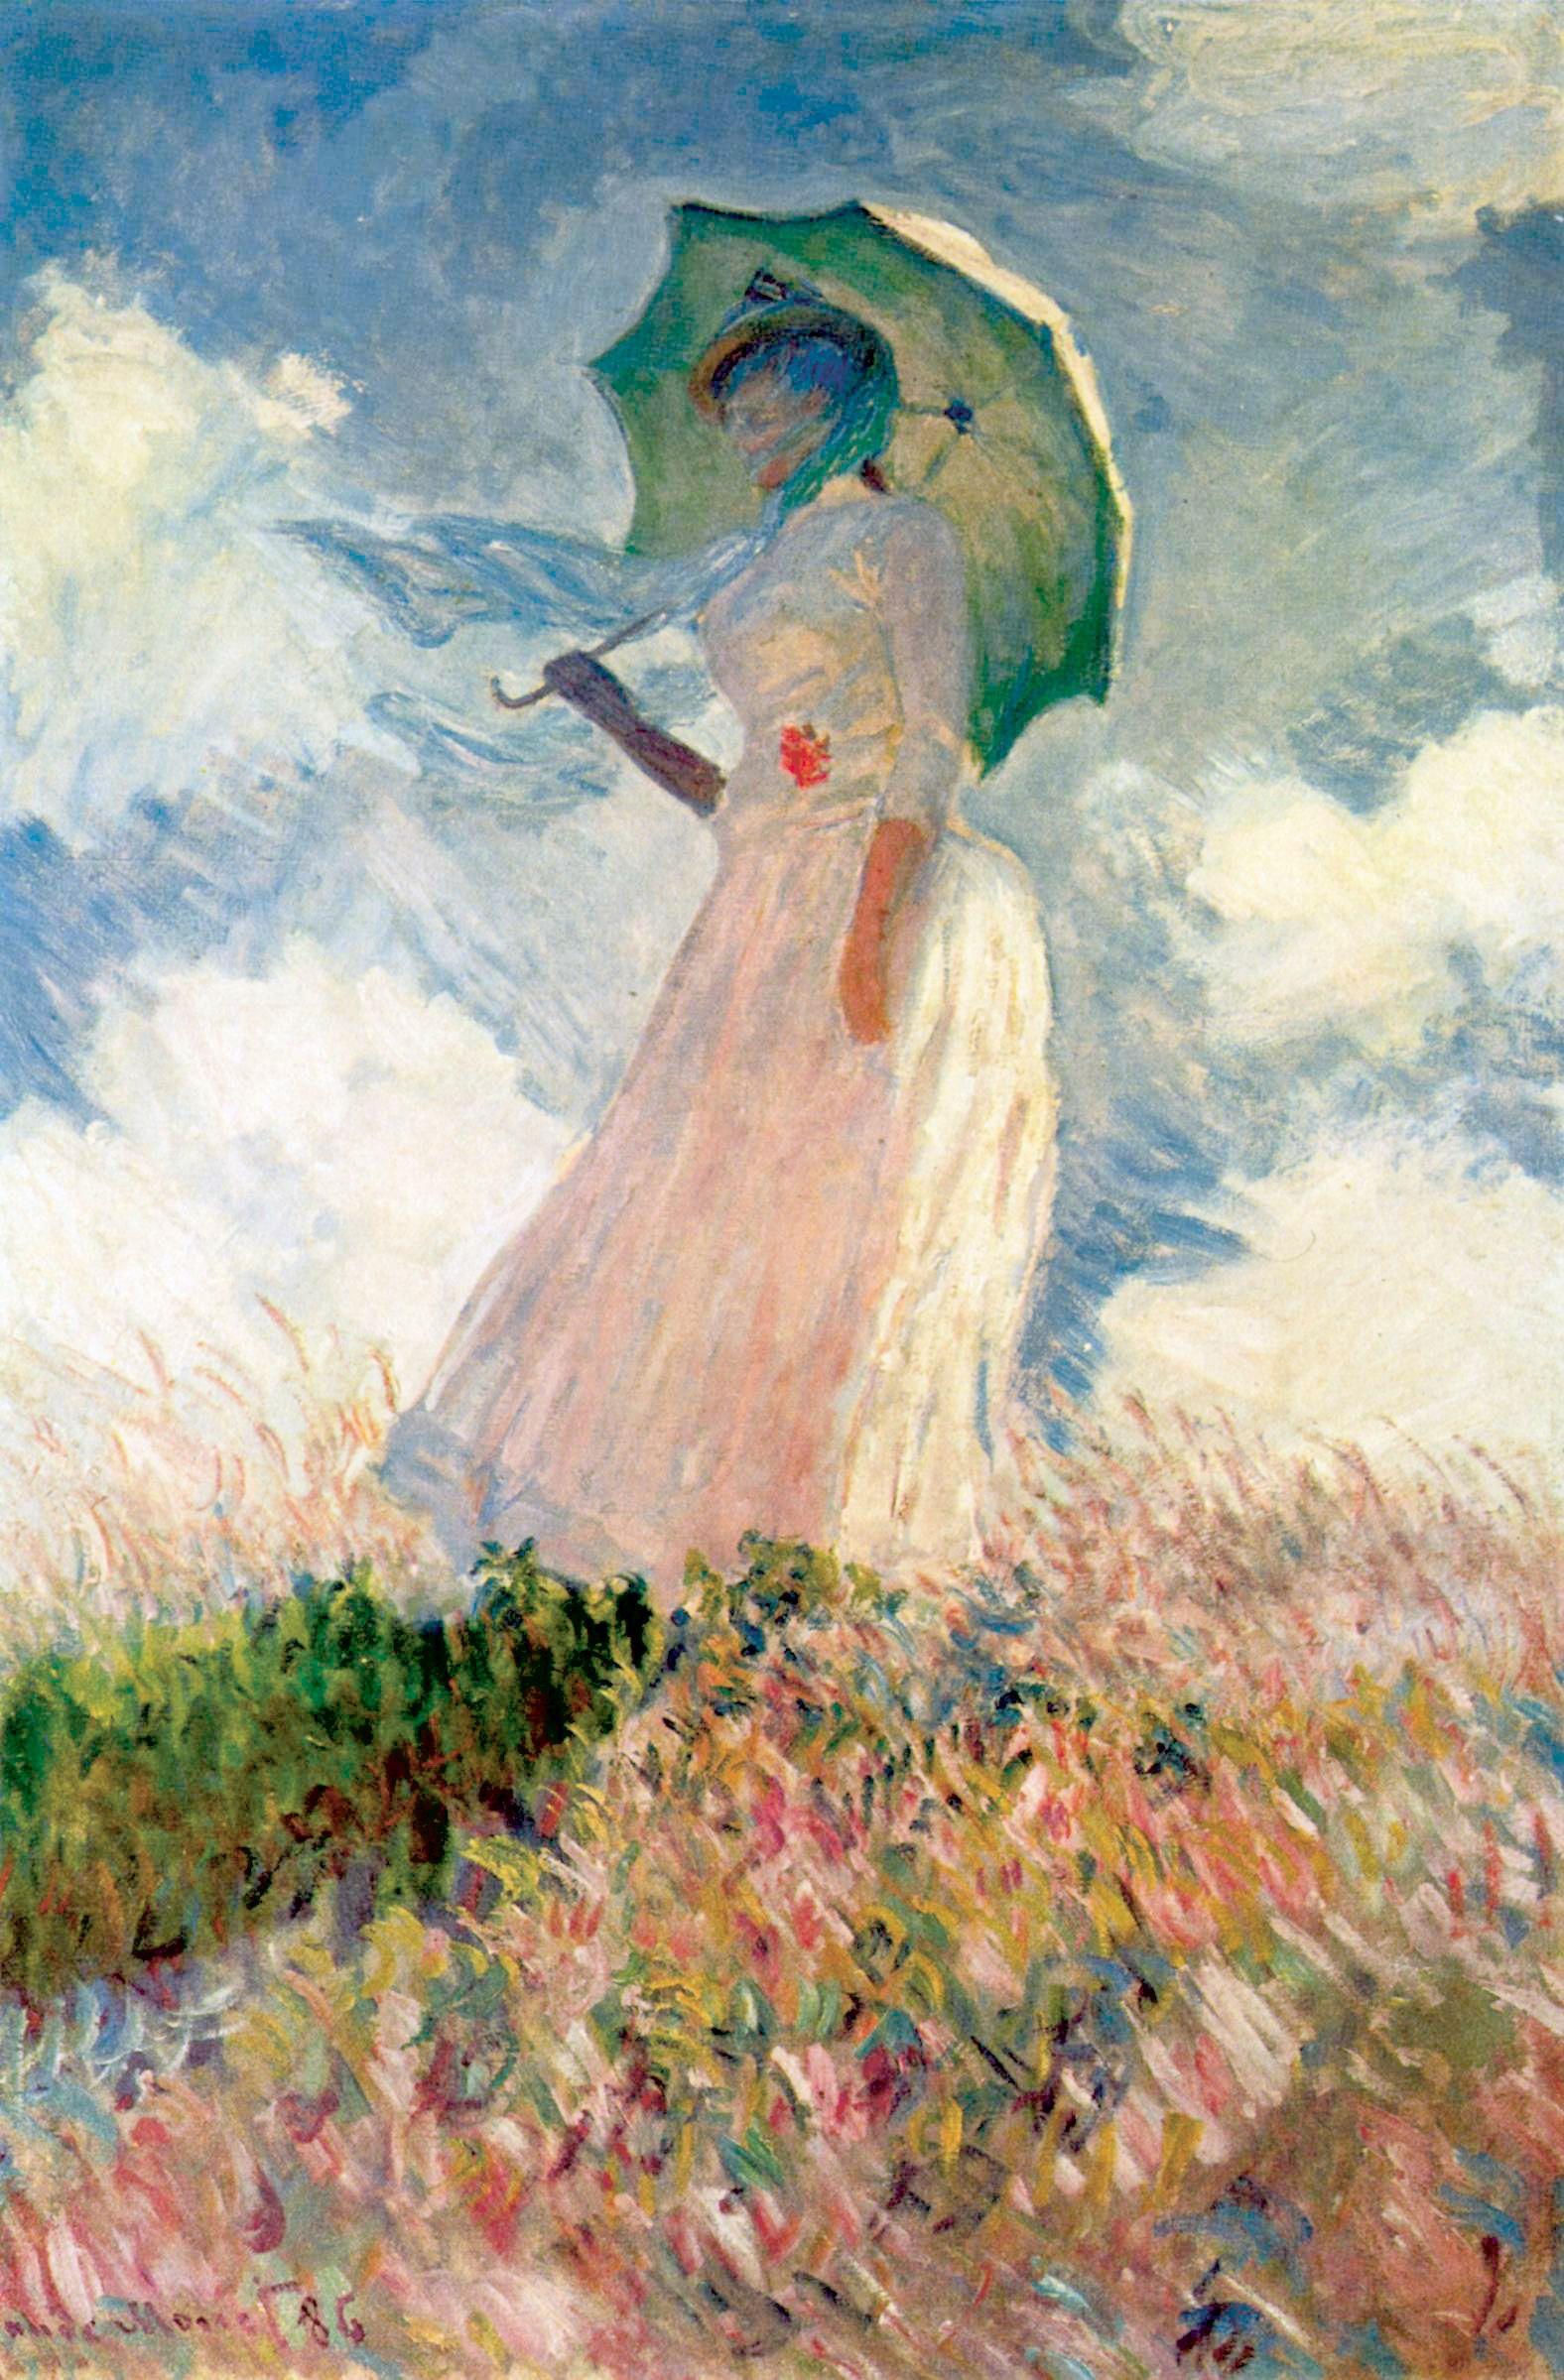 Claude Monet - Femme à lombrelle tournée vers la gauche - Blog Guillaume Loubet - KAZoART